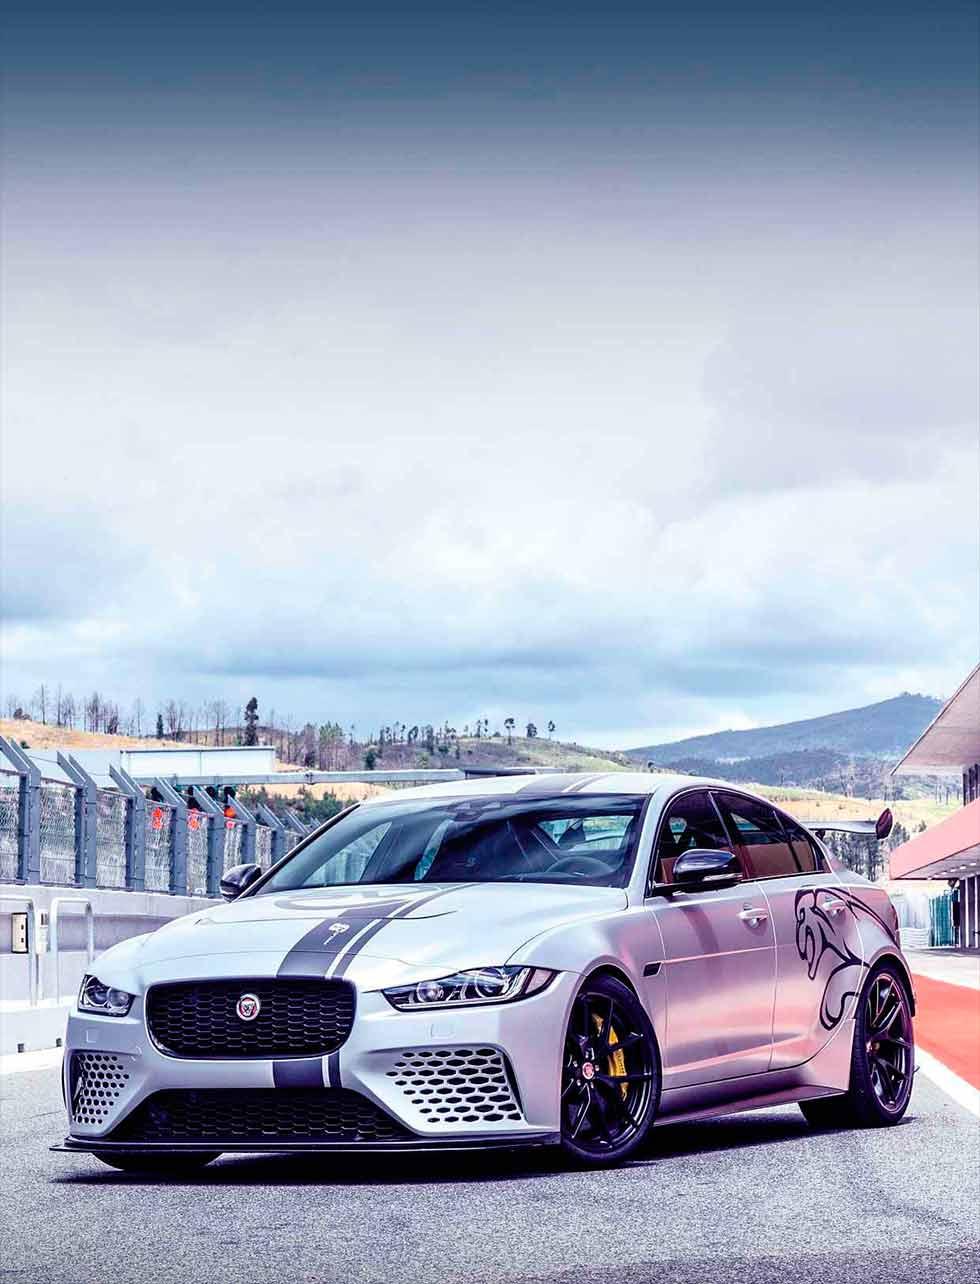 52 All New 2019 Jaguar Project 8 Style for 2019 Jaguar Project 8